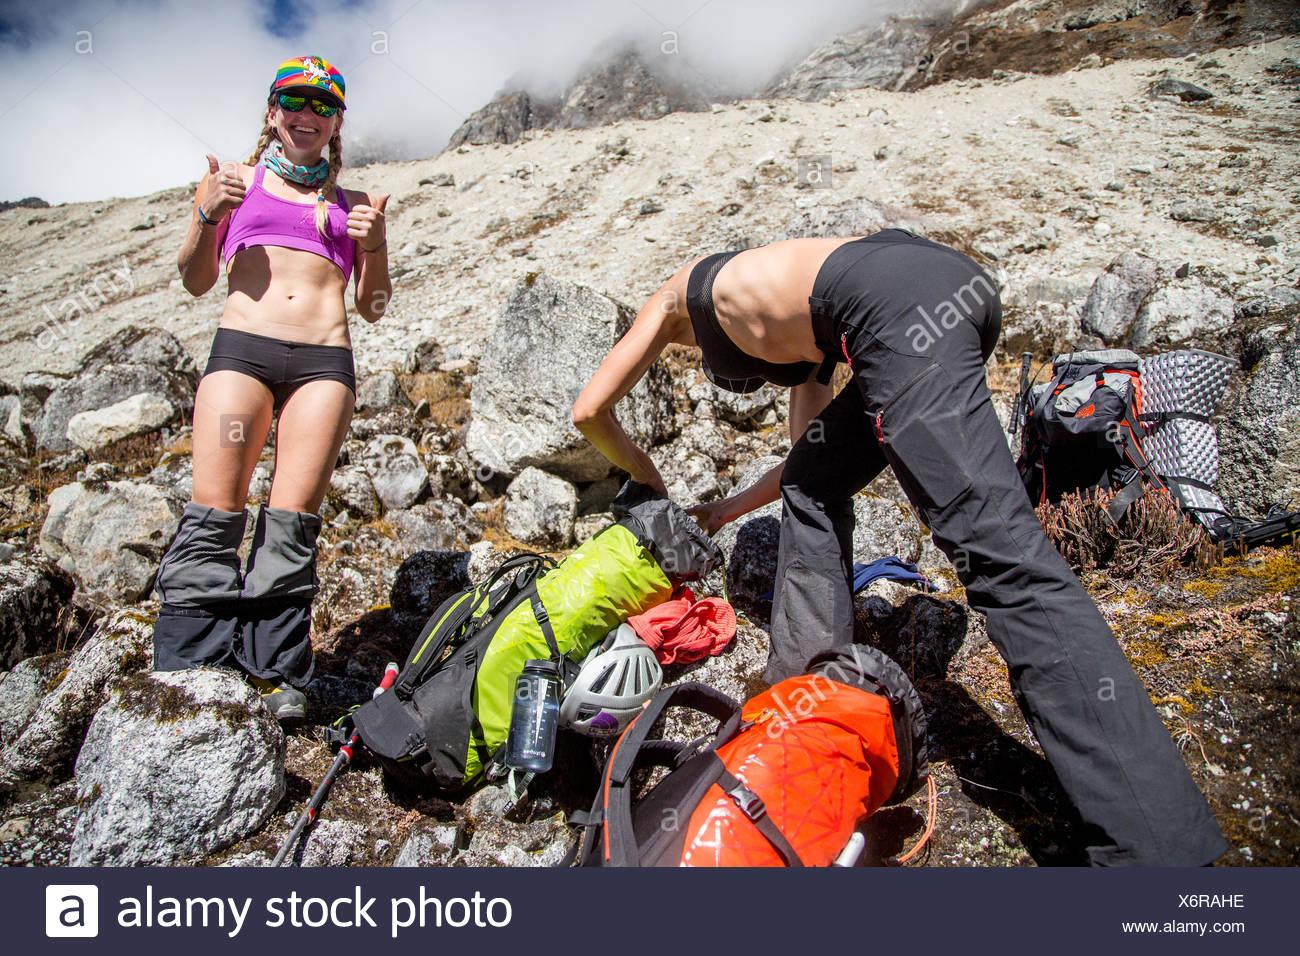 Les membres de l'expédition de changer leurs vêtements et de l'emballage. Photo Stock